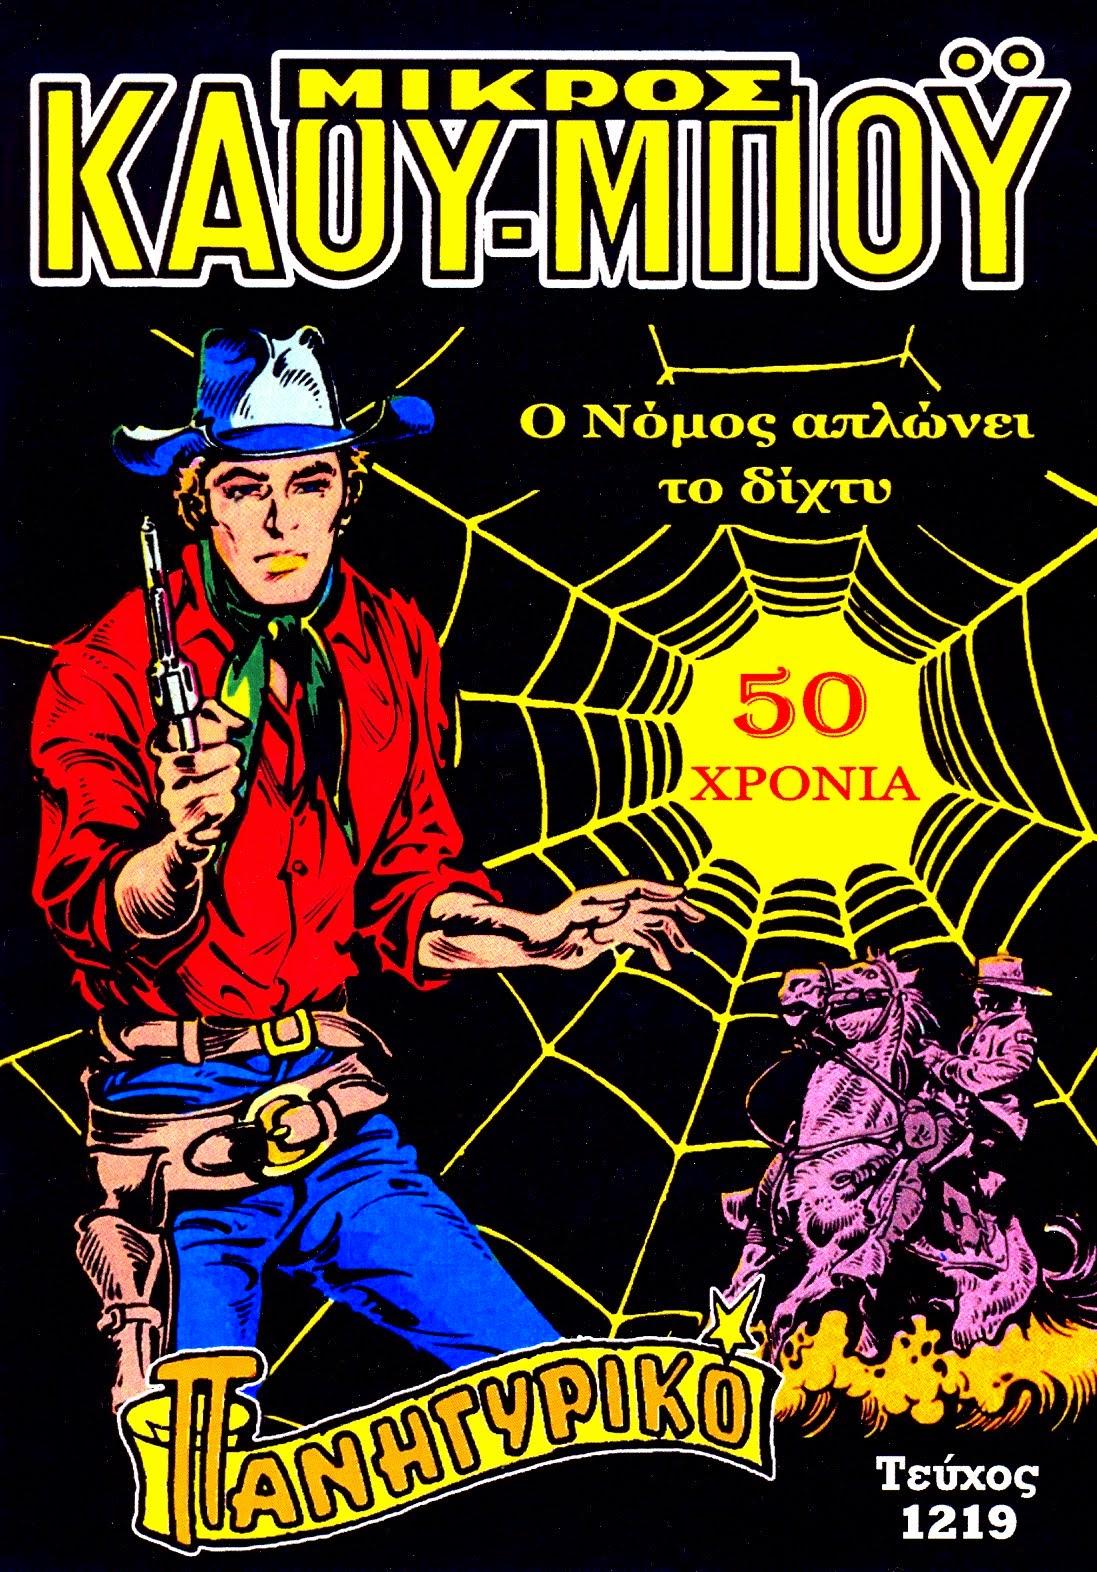 ΕΠΕΤΕΙΑΚΟ ΤΕΥΧΟΣ - ΜΙΚΡΟΣ ΚΑΟΥ-ΜΠΟΫ 1219